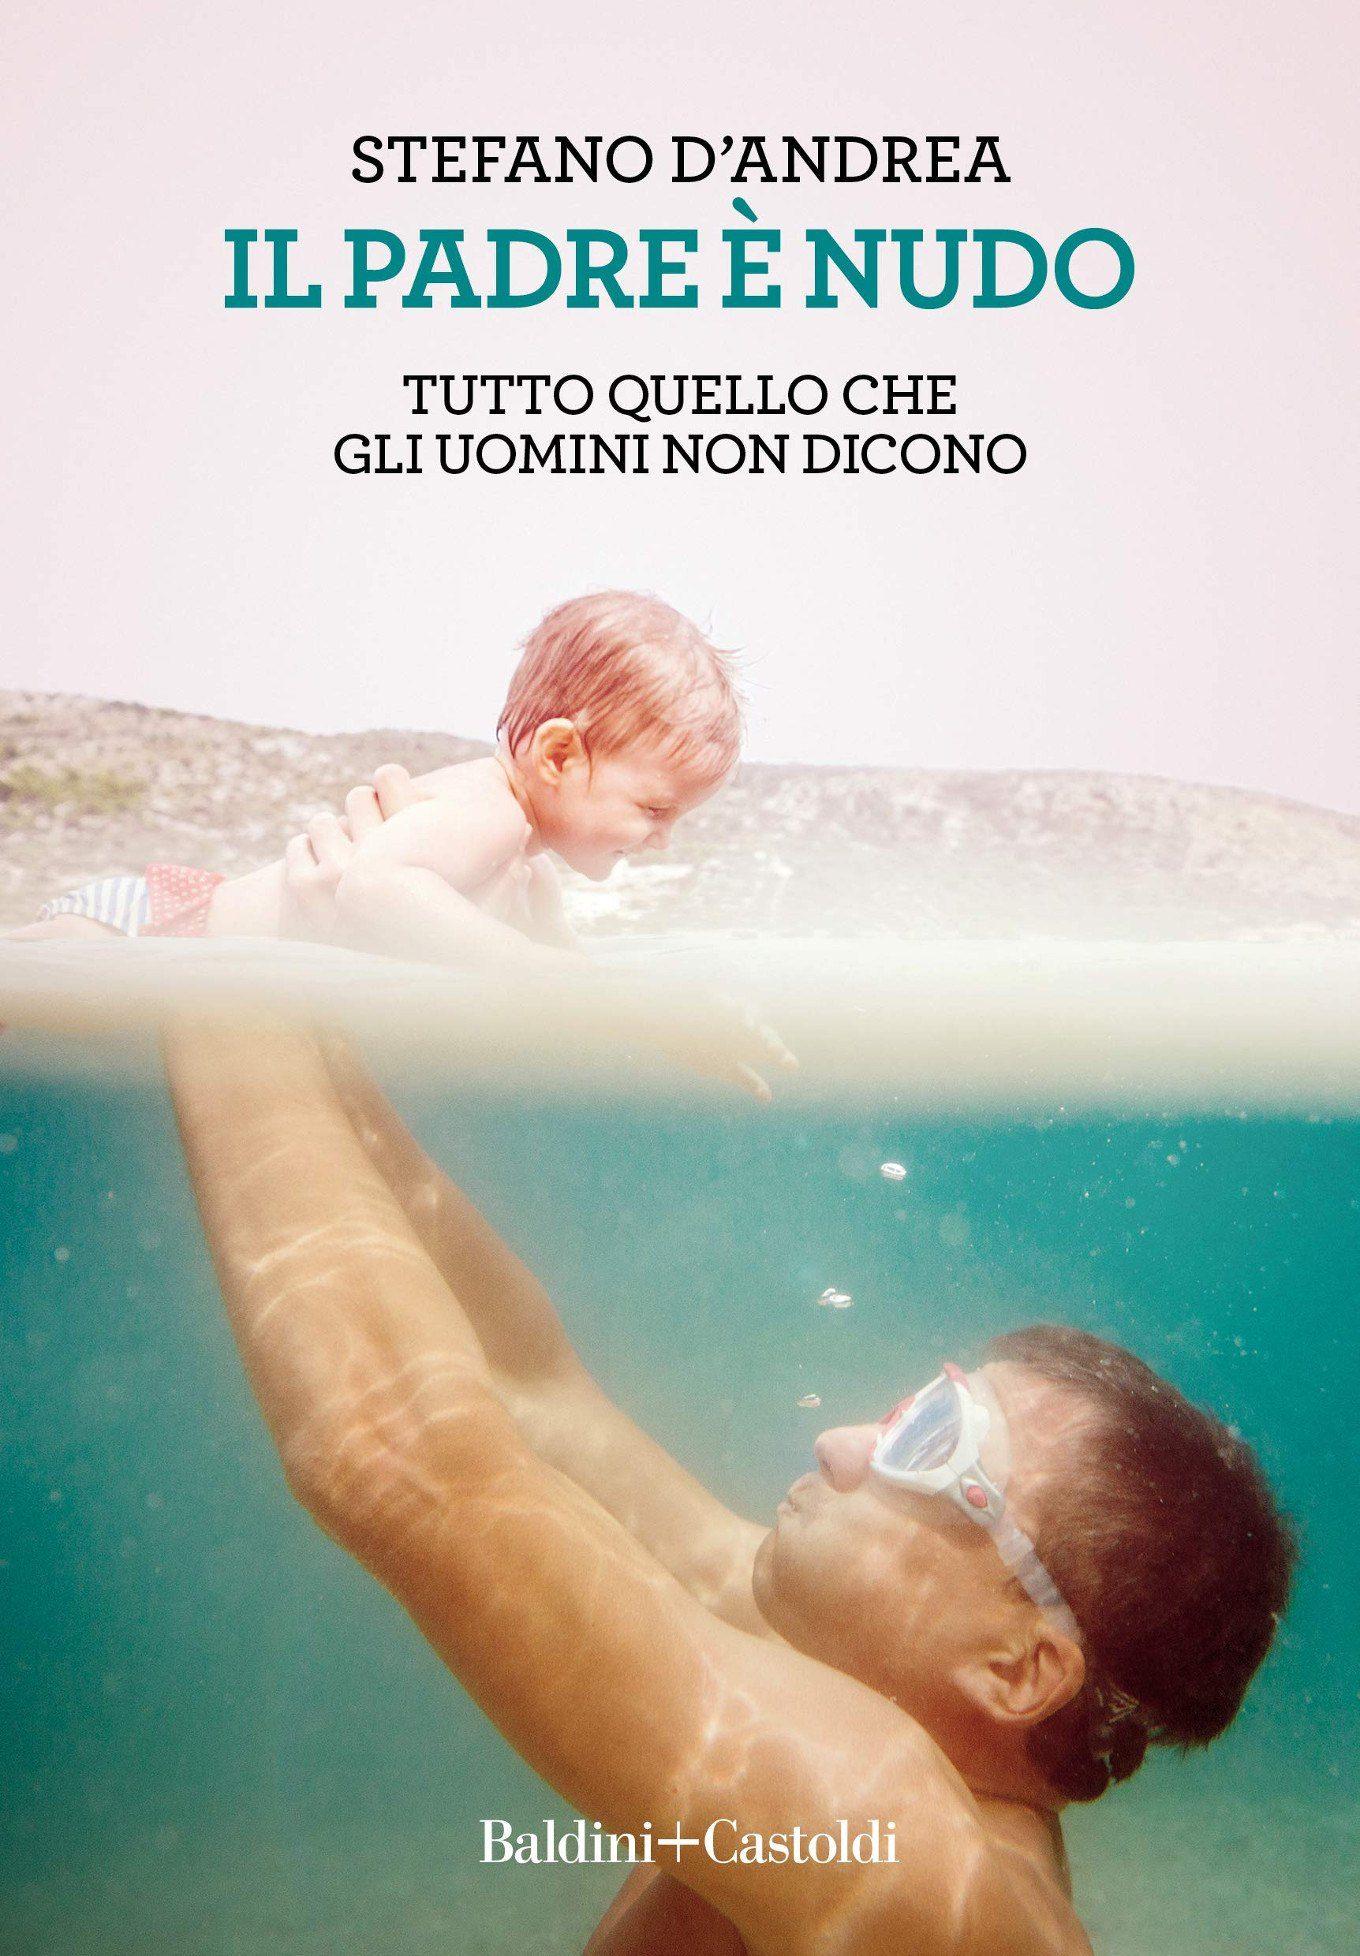 Il padre è nudo (2018) di Stefano D'Andrea – Recensione del libro